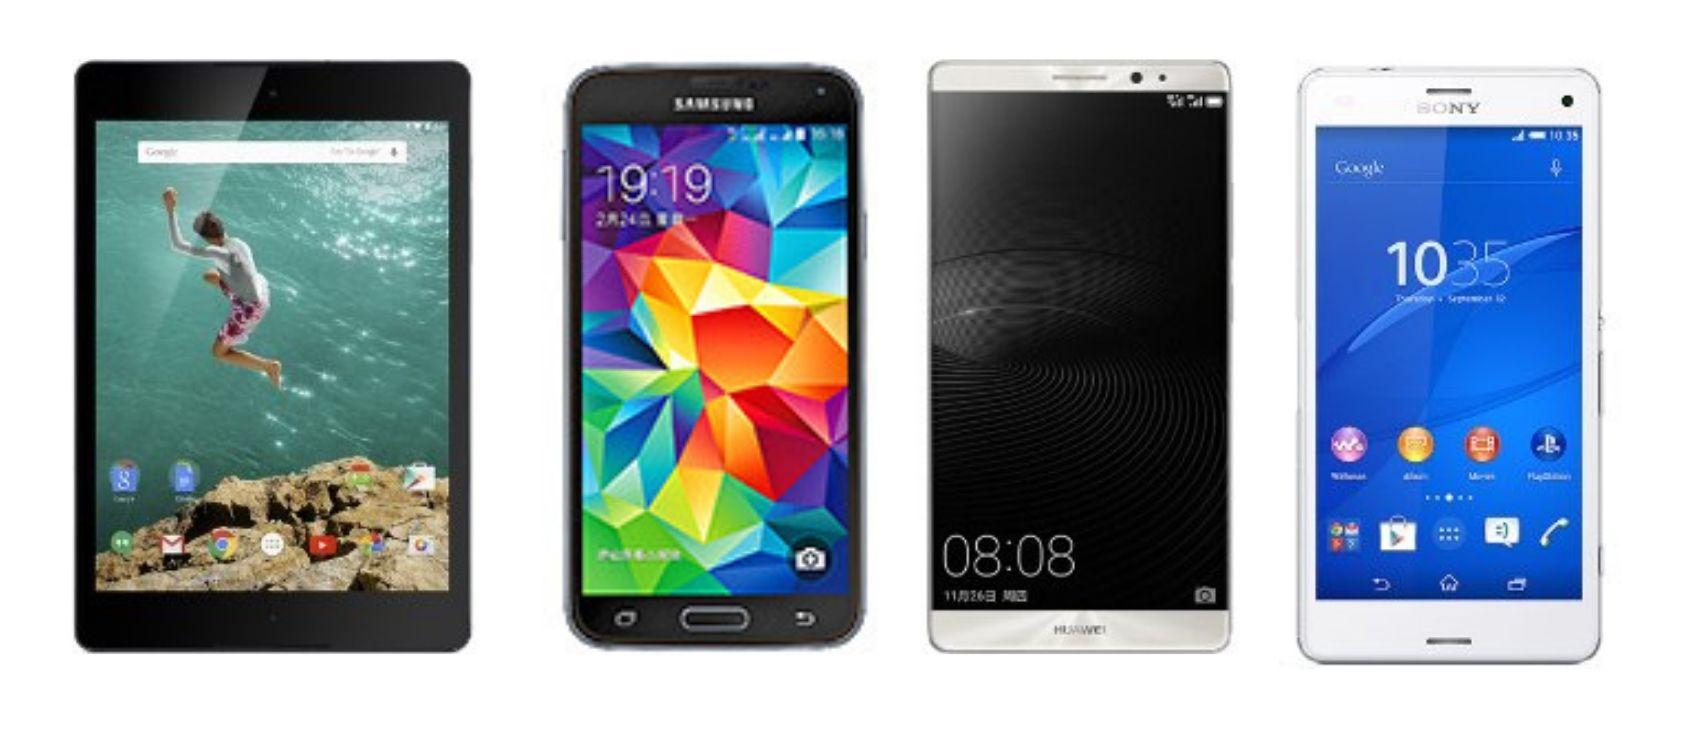 這些手機將無法用t-mobile網路 - t-mobile-is-shutting-down-network-for-older-phones2